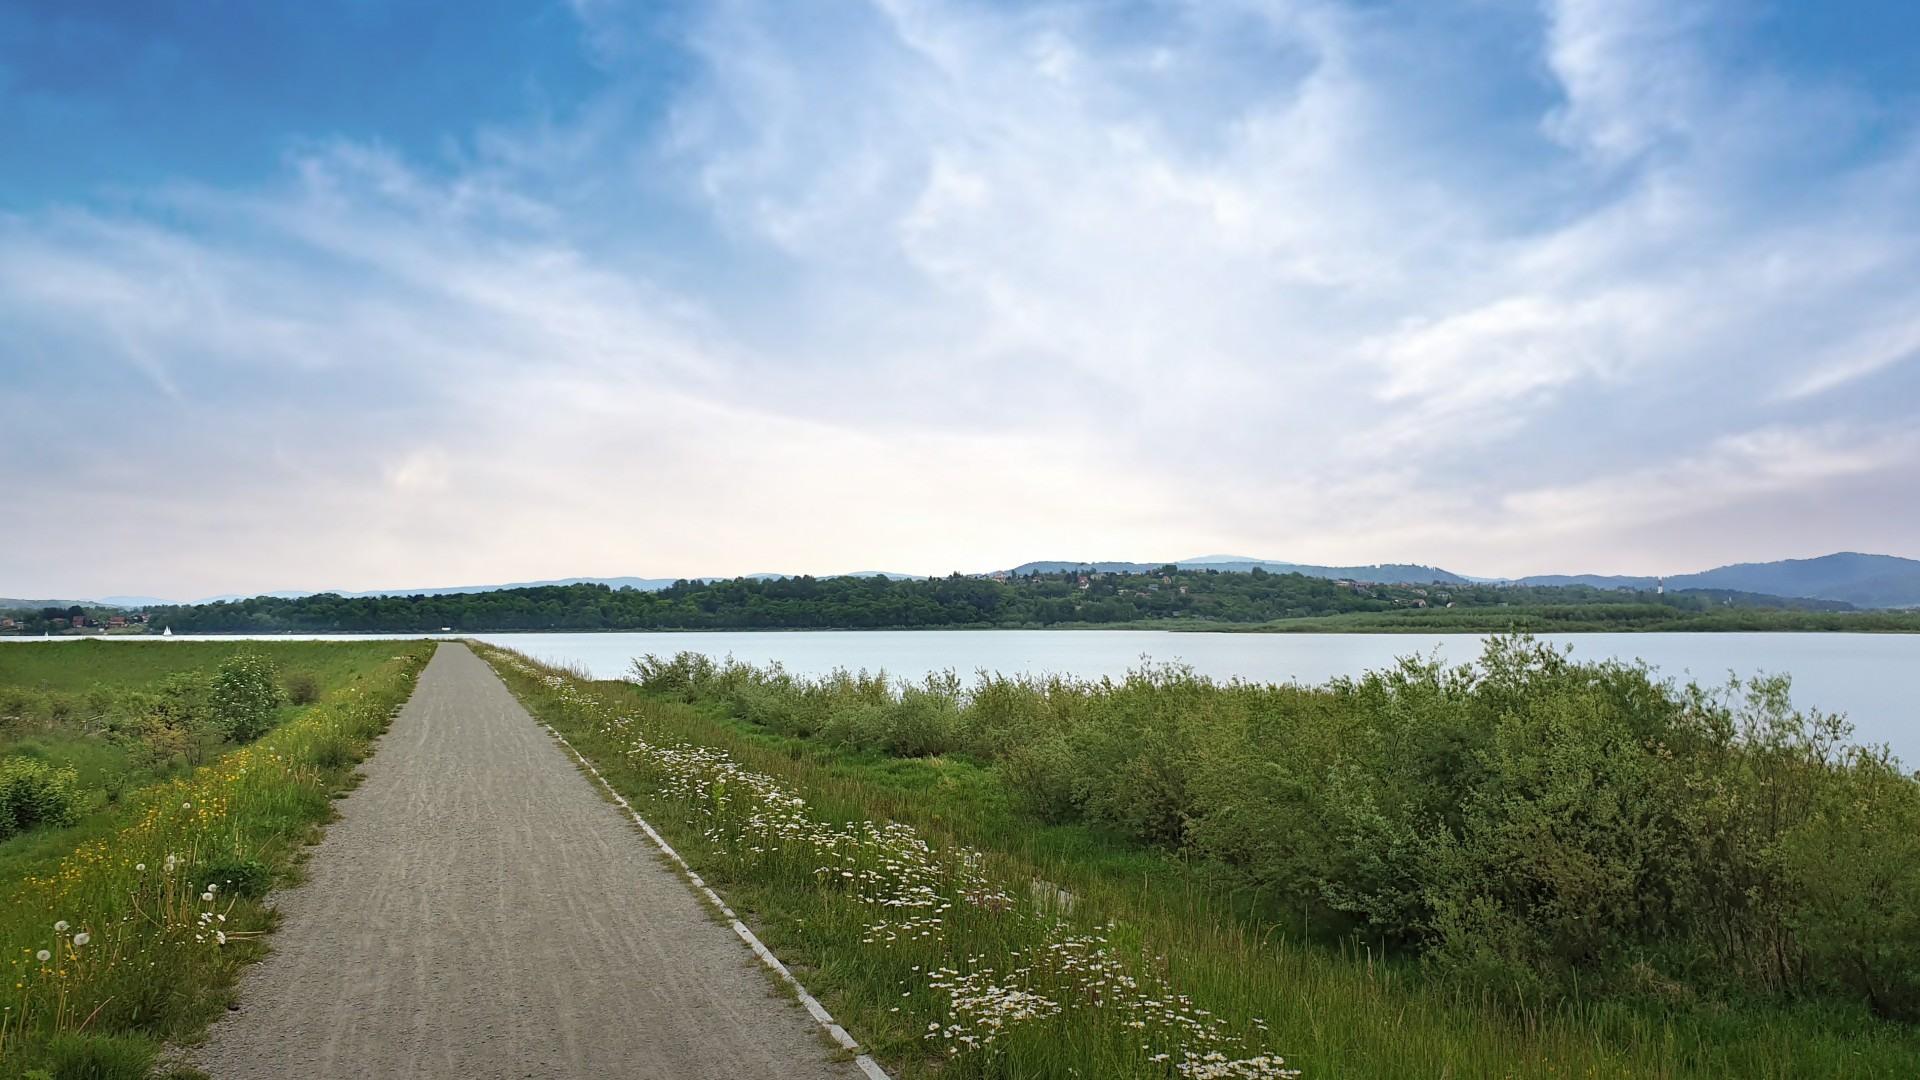 domki nad jeziorem żywieckim Rozmaryn, lokalne atrakcje, ścieżki rowerowe